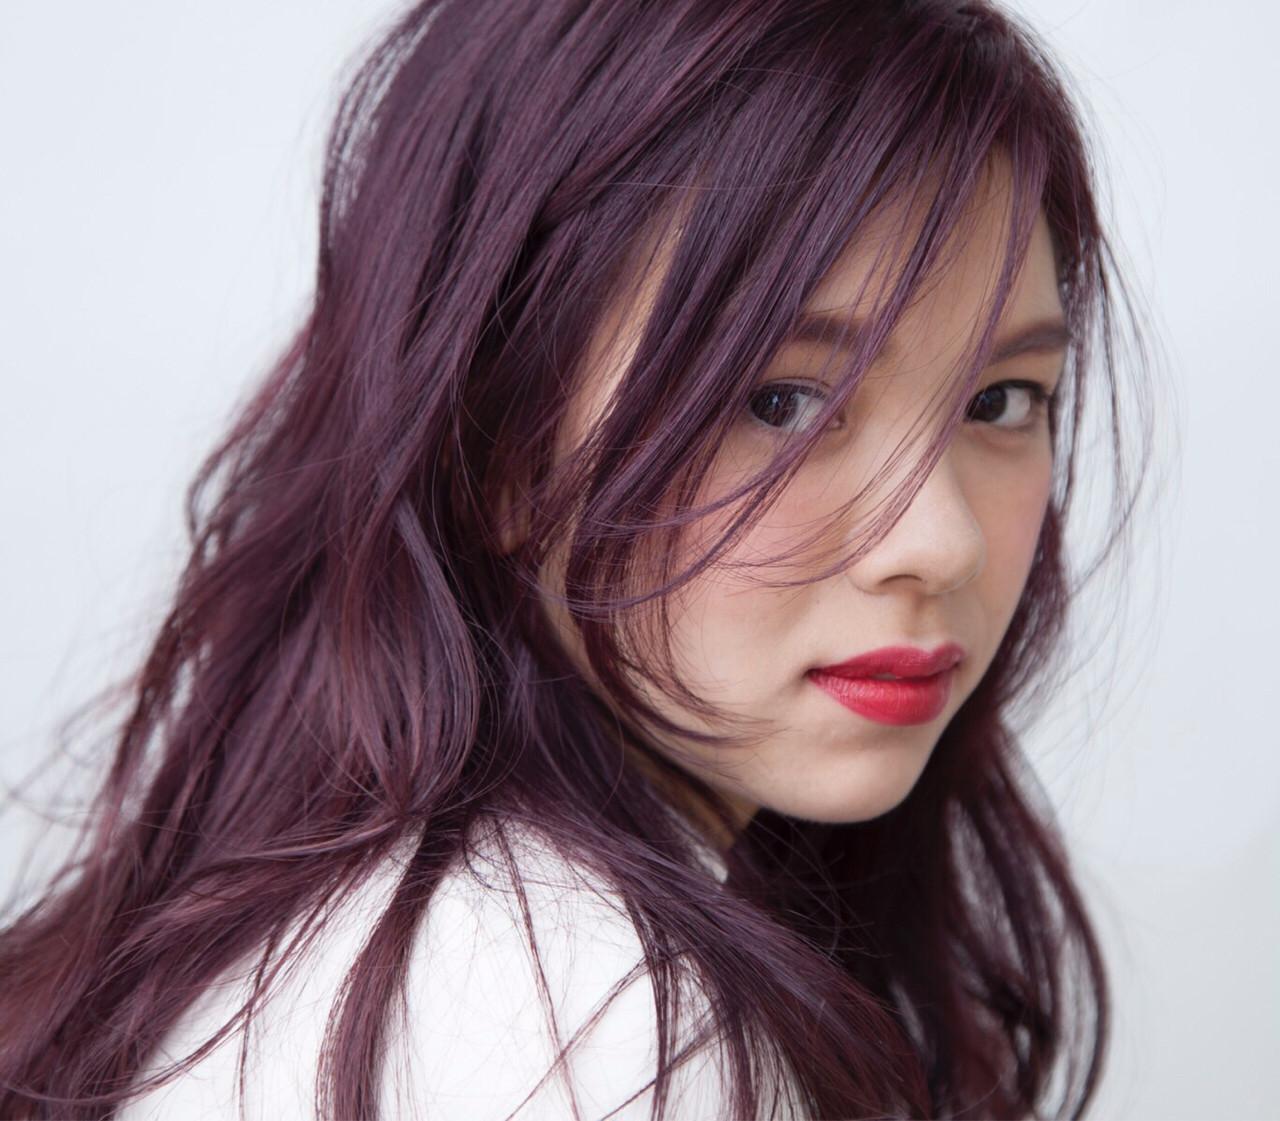 ロング イルミナカラー ナチュラル 透明感 ヘアスタイルや髪型の写真・画像